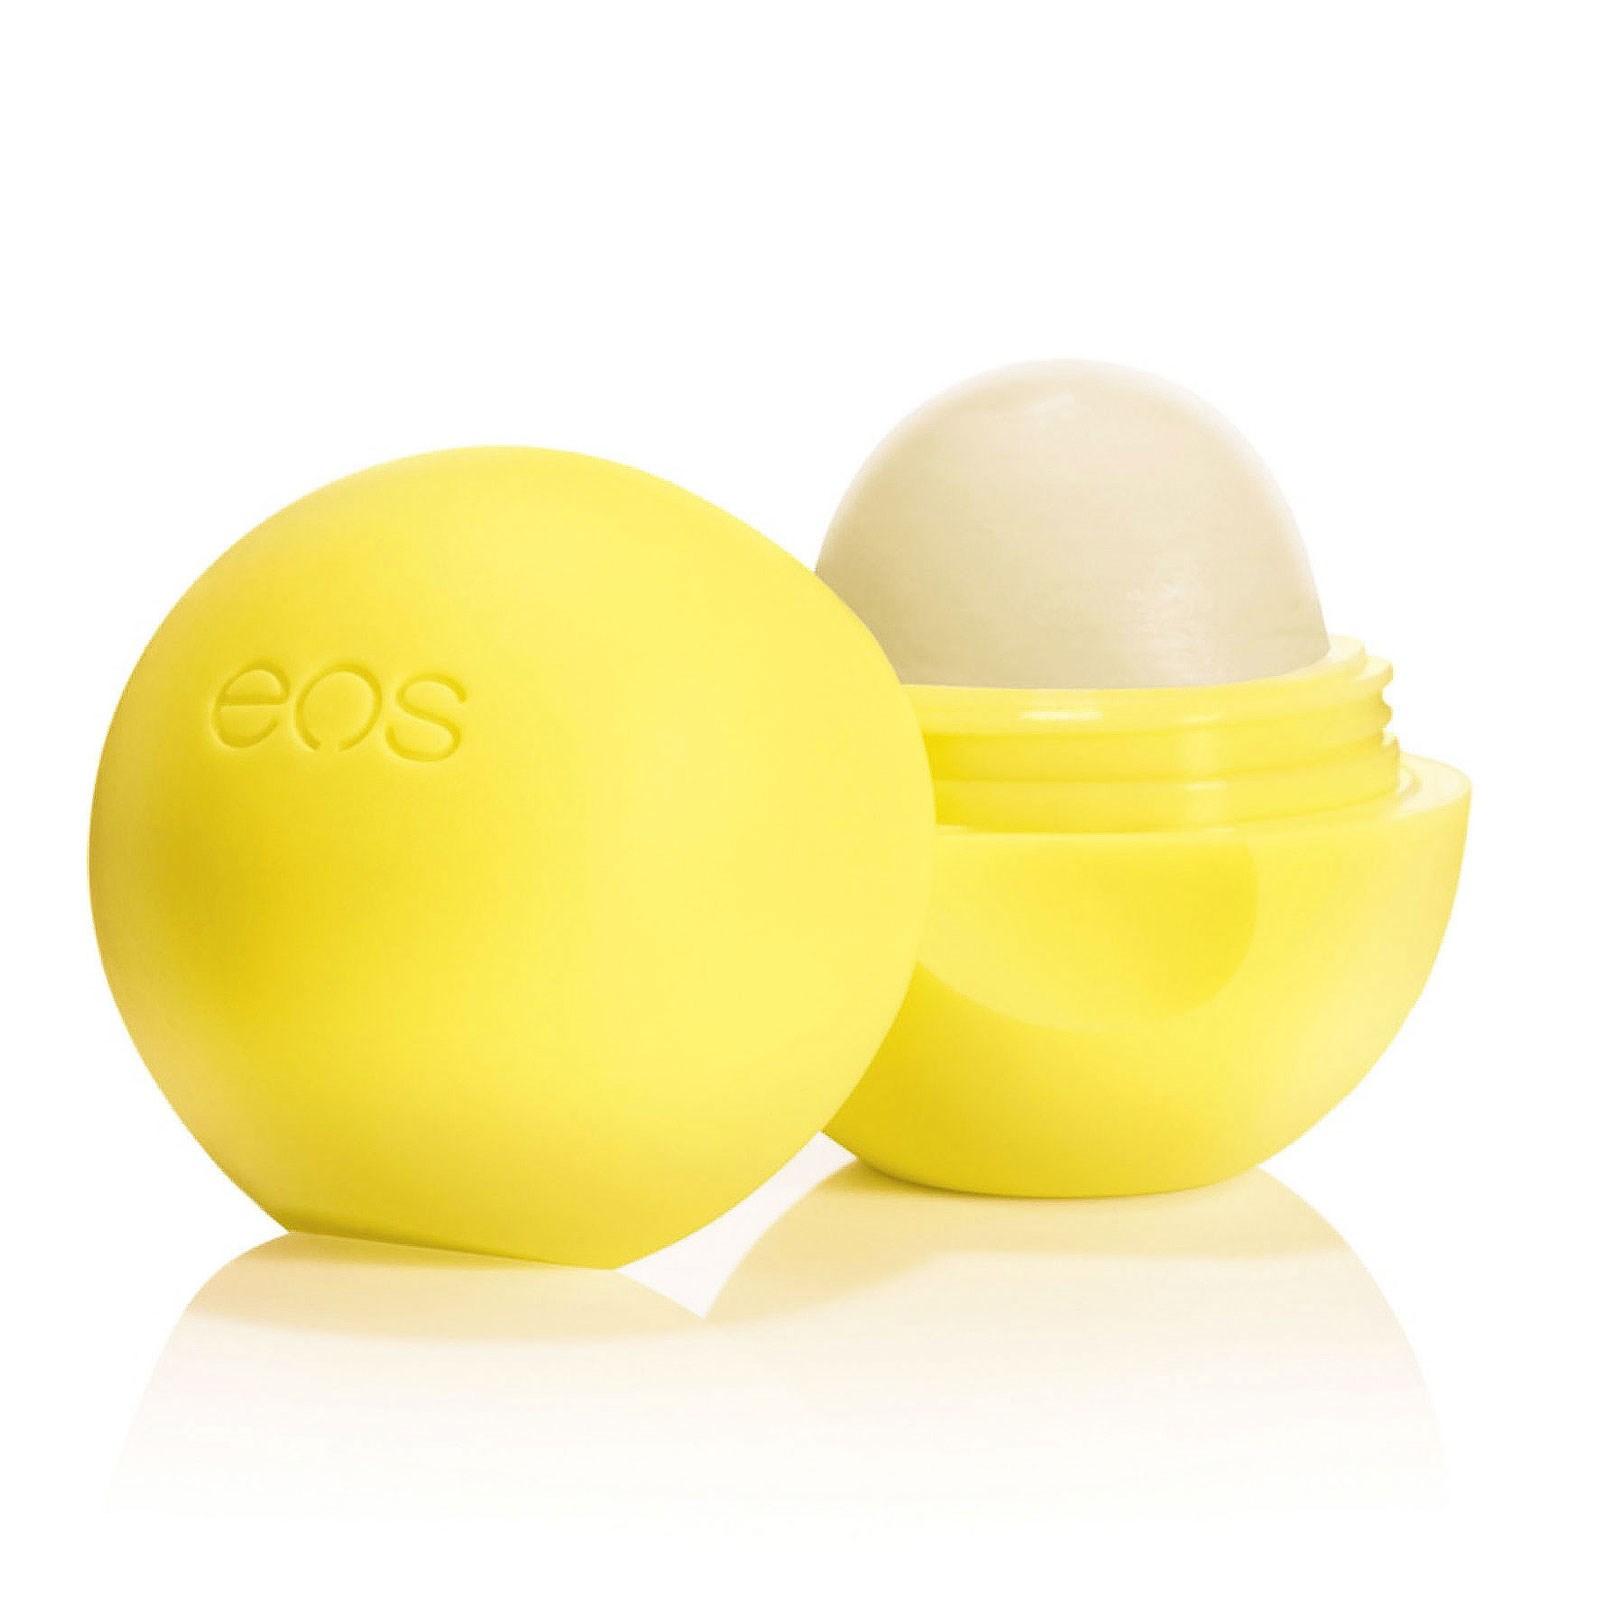 Eco Lip Balm Ball